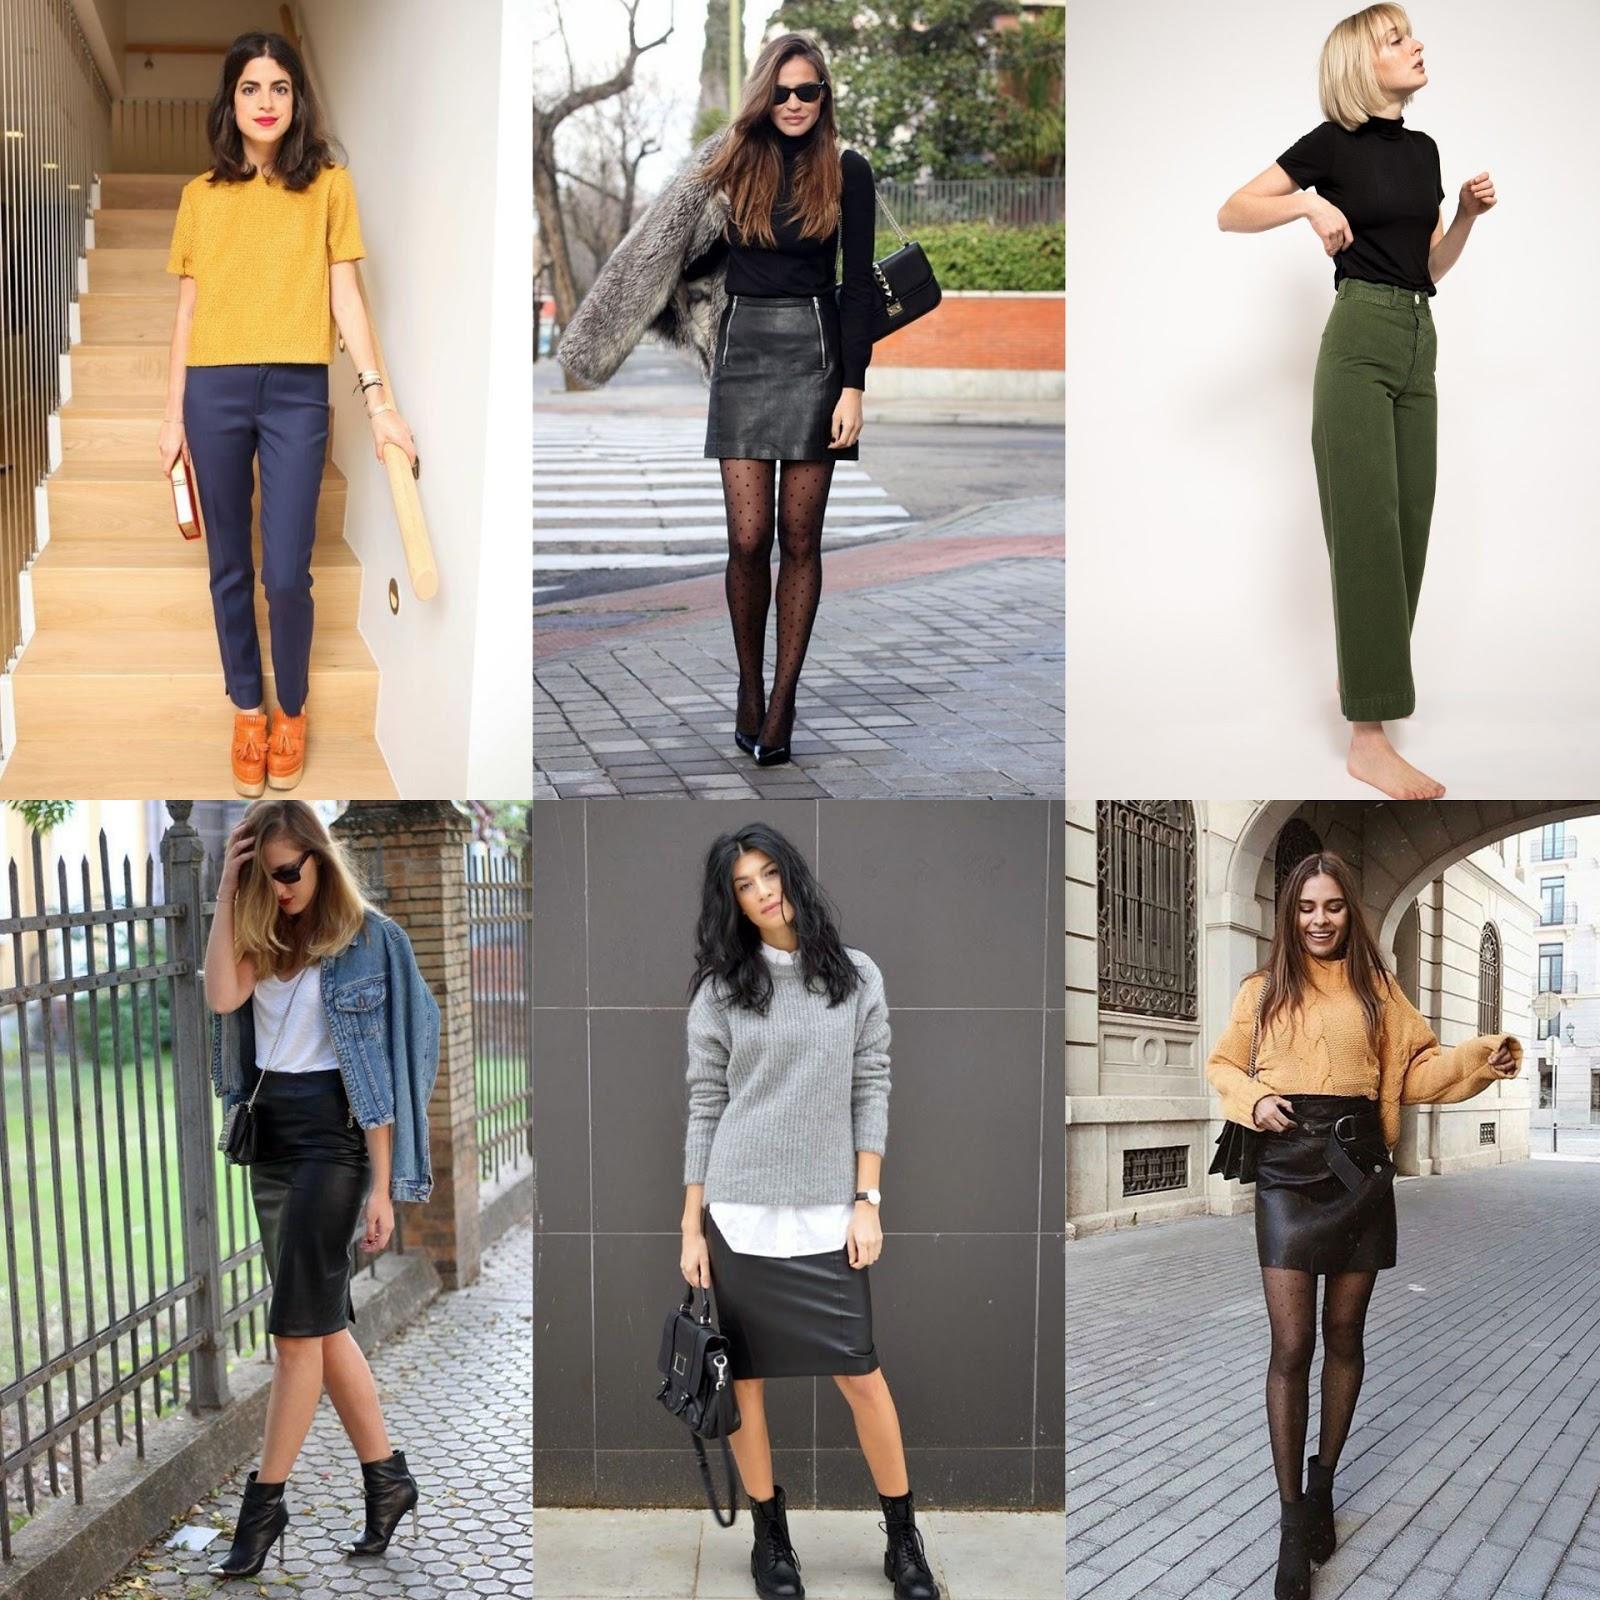 Saias e calças de corte reto e cores escuras